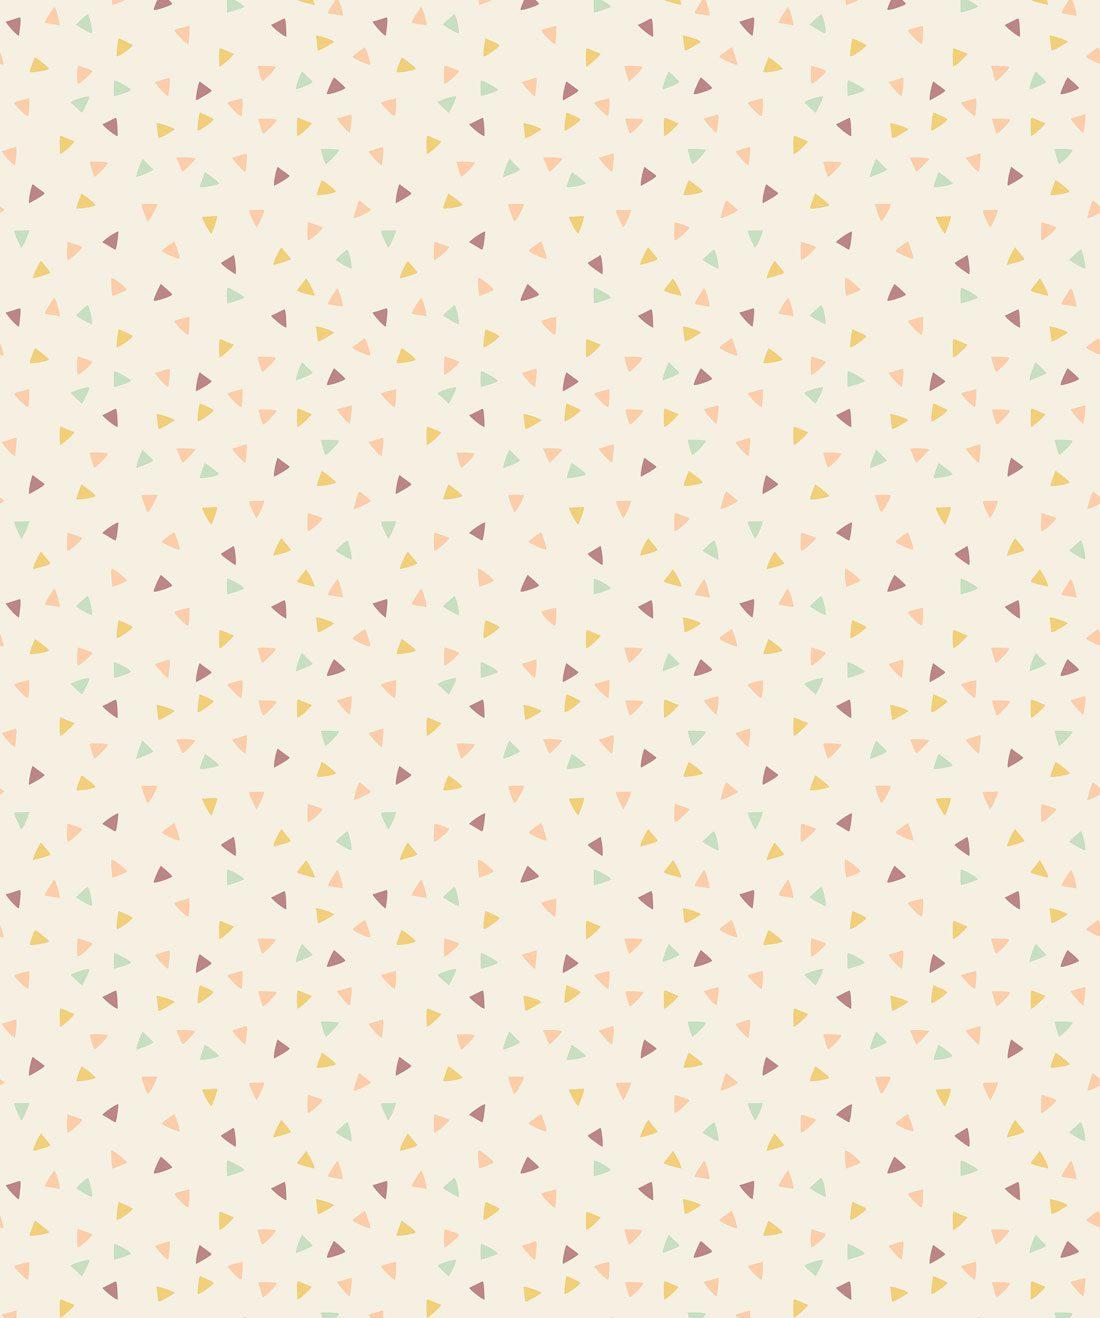 Confetti Wallpaper LM